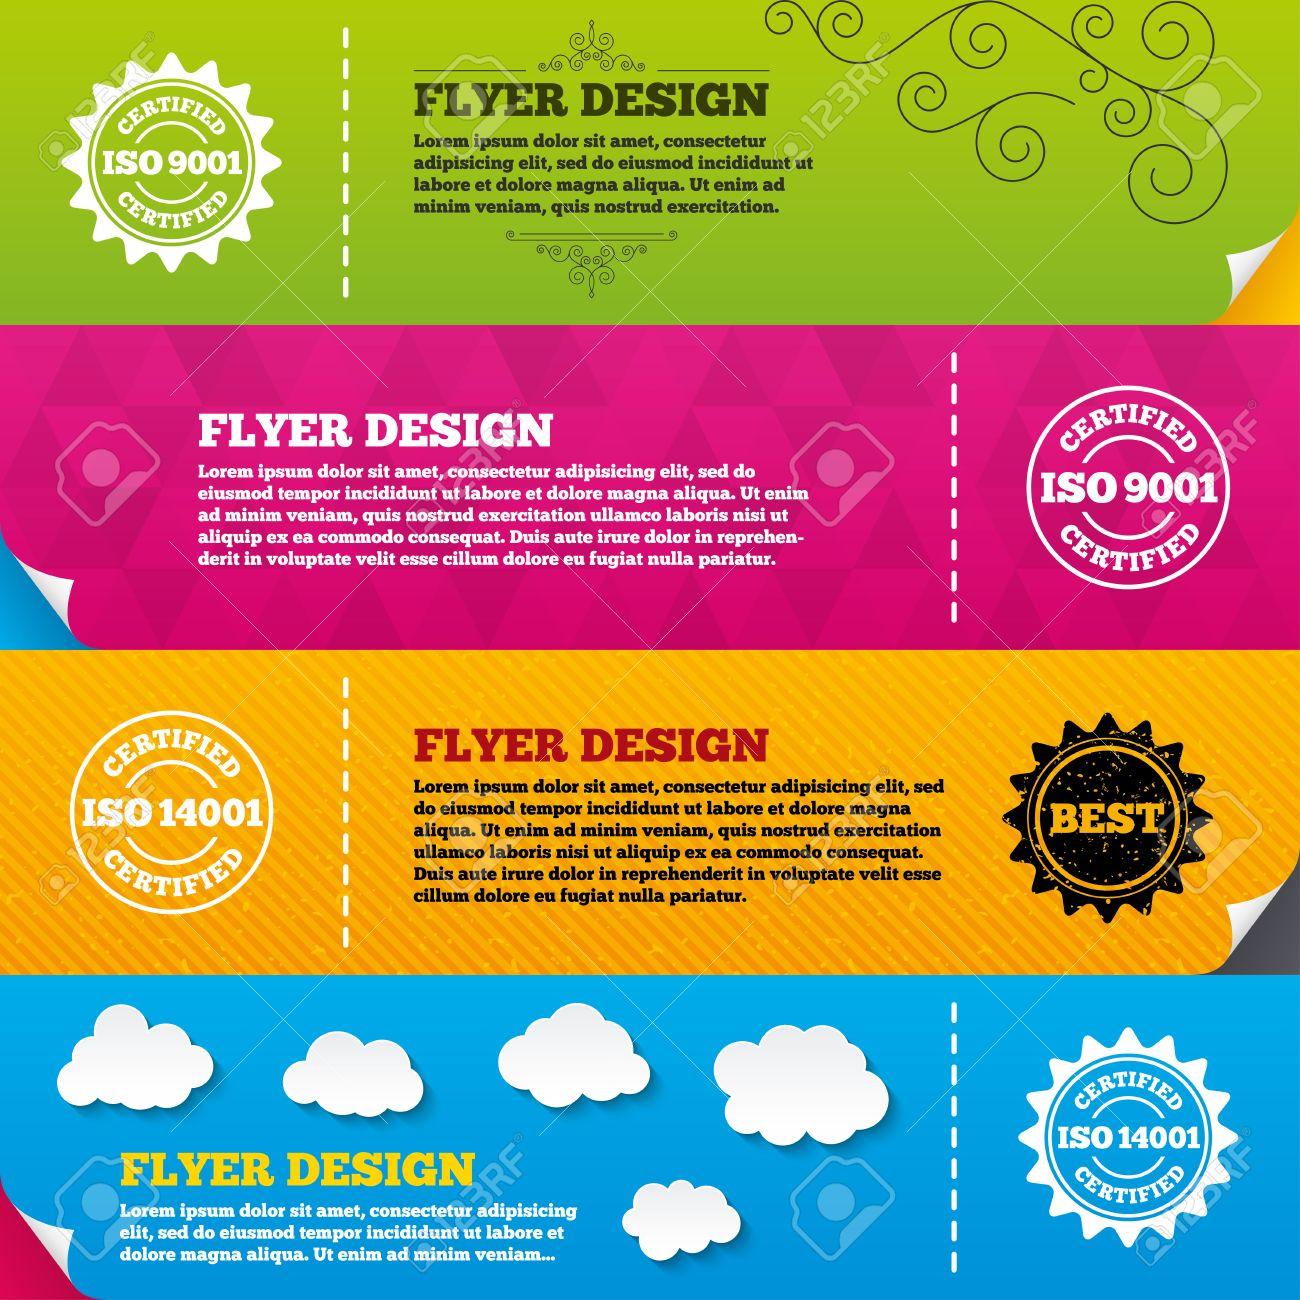 Flyer Broschüre Designs. ISO 9001 Und 14001 Zertifiziert Symbole ...